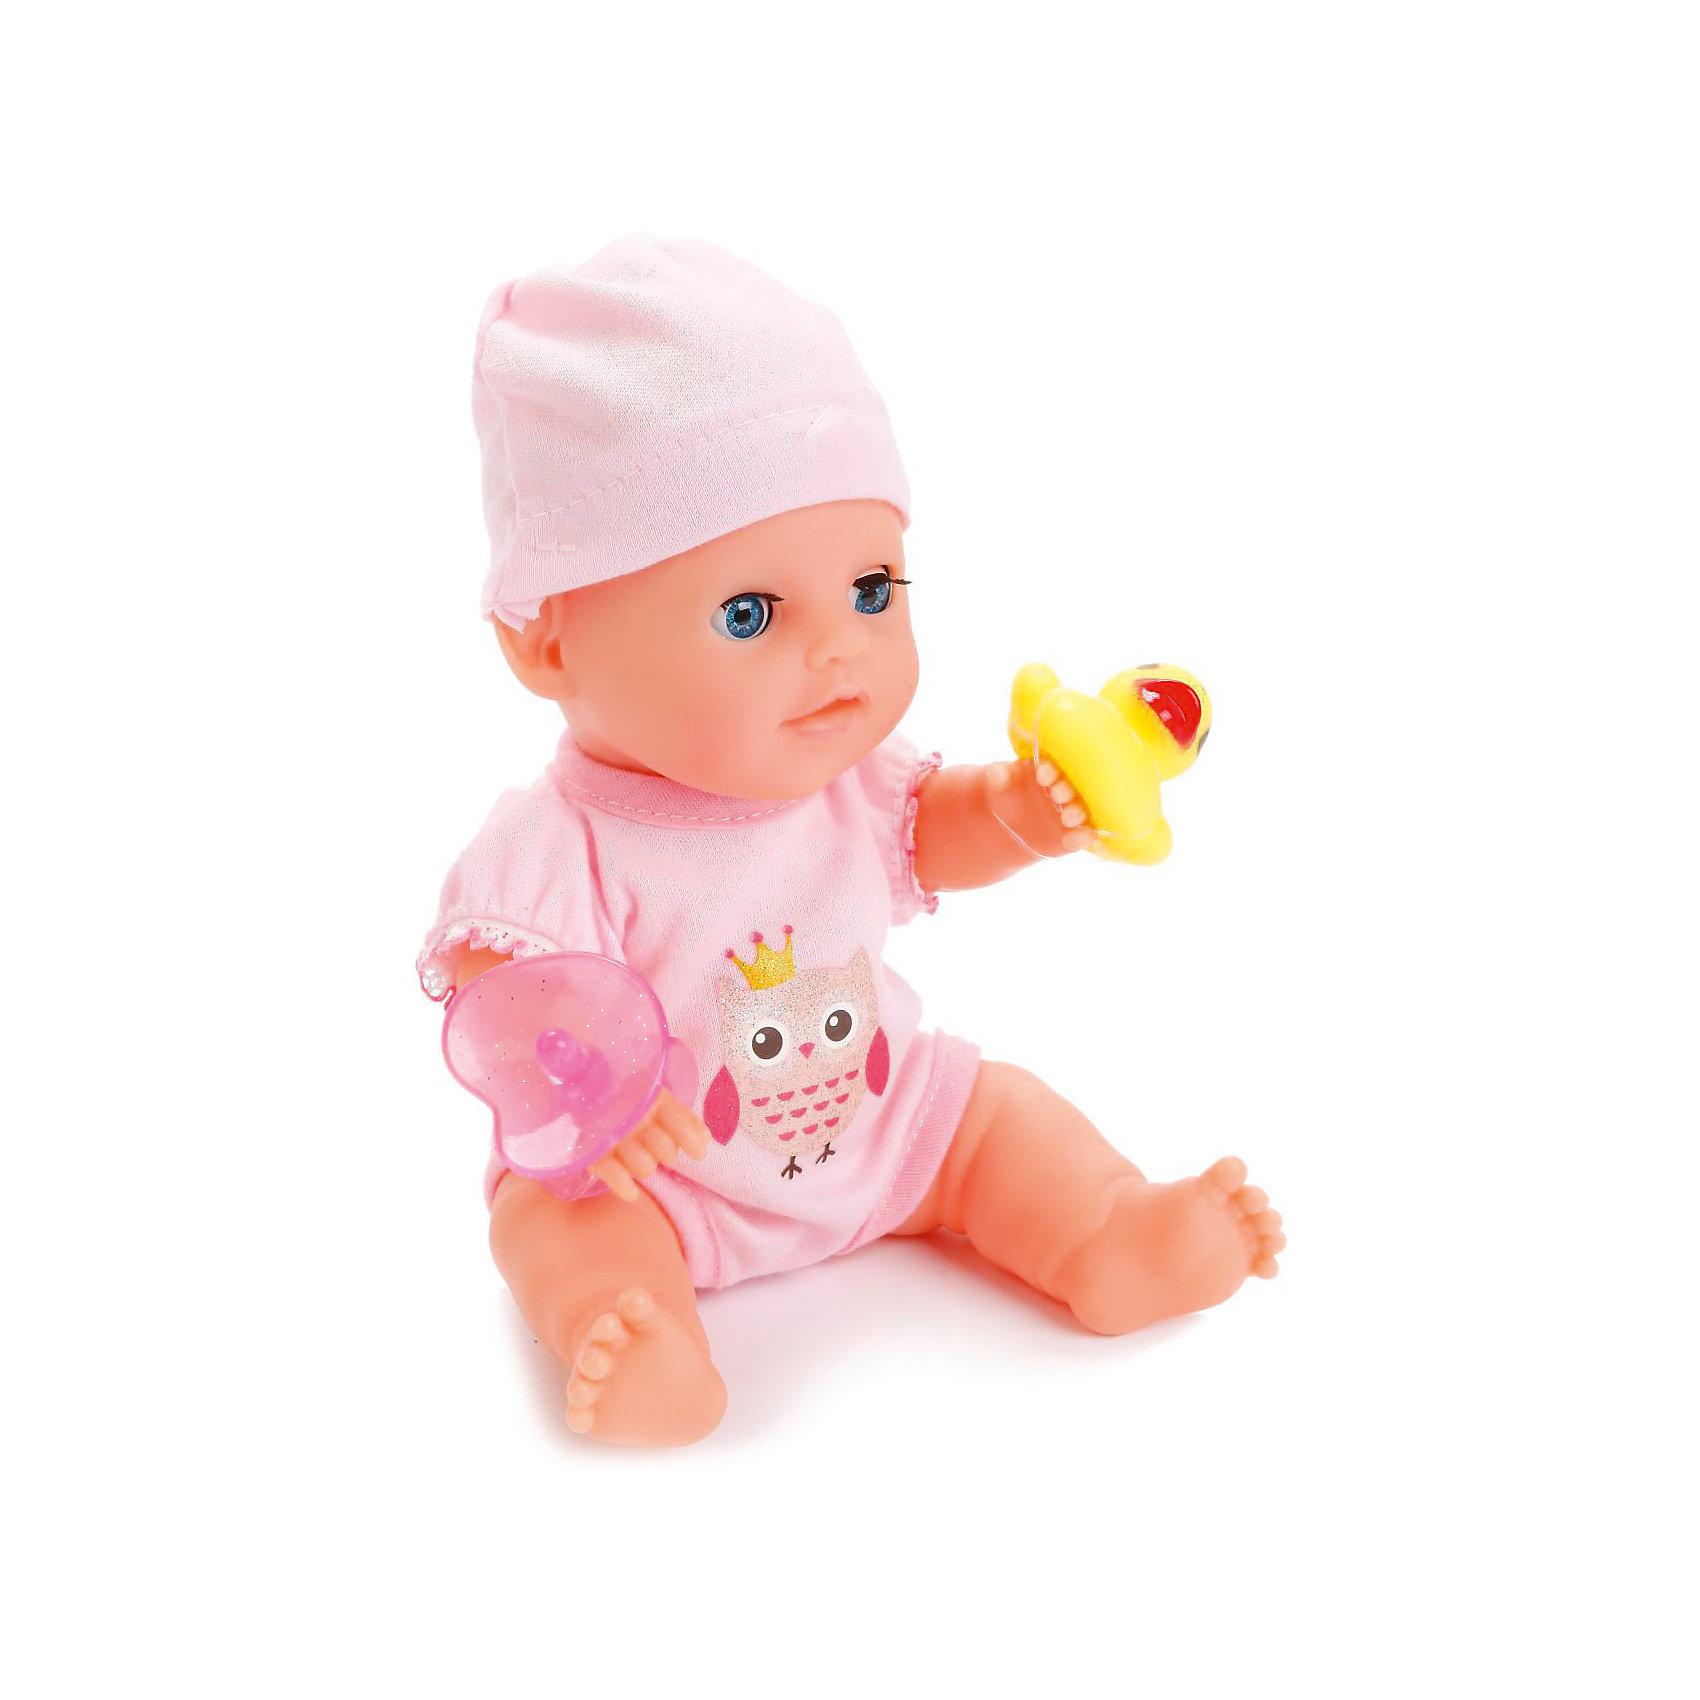 Пупс 20 см, 3 функции, в ванне, с аксессуарами, КарапузКуклы-пупсы<br>Игрушка выполнена в виде реалистичного малыша с выразительными голубыми глазками, пухлыми губками и вздернутым носиком. Пупс одет очень красиво: на нем теплый свитер, мягкие штанишки с белыми носочками, а на голове у него - мягкая шапочках той же цветовой гаммы, что и костюмчик. Игрушка умеет реалистично писать в горшок, если ее сначала напоить водичкой из бутылочки, предусмотренной в комплекте. У пупса подвижные ручки и ножки, поэтому ему можно придавать самые разнообразные позы в процессе игры. При засыпании пупс может закрывать глаза, что несомнено приведет малыша в восторг. Тело игрушки полностью выполнено из пластика, что позволяет малышкам купать любимца в ванной, предусмотренной в комплекте, или брать его с собой во время купания.<br><br>Ширина мм: 75<br>Глубина мм: 58<br>Высота мм: 35<br>Вес г: 580<br>Возраст от месяцев: 36<br>Возраст до месяцев: 60<br>Пол: Женский<br>Возраст: Детский<br>SKU: 6863983